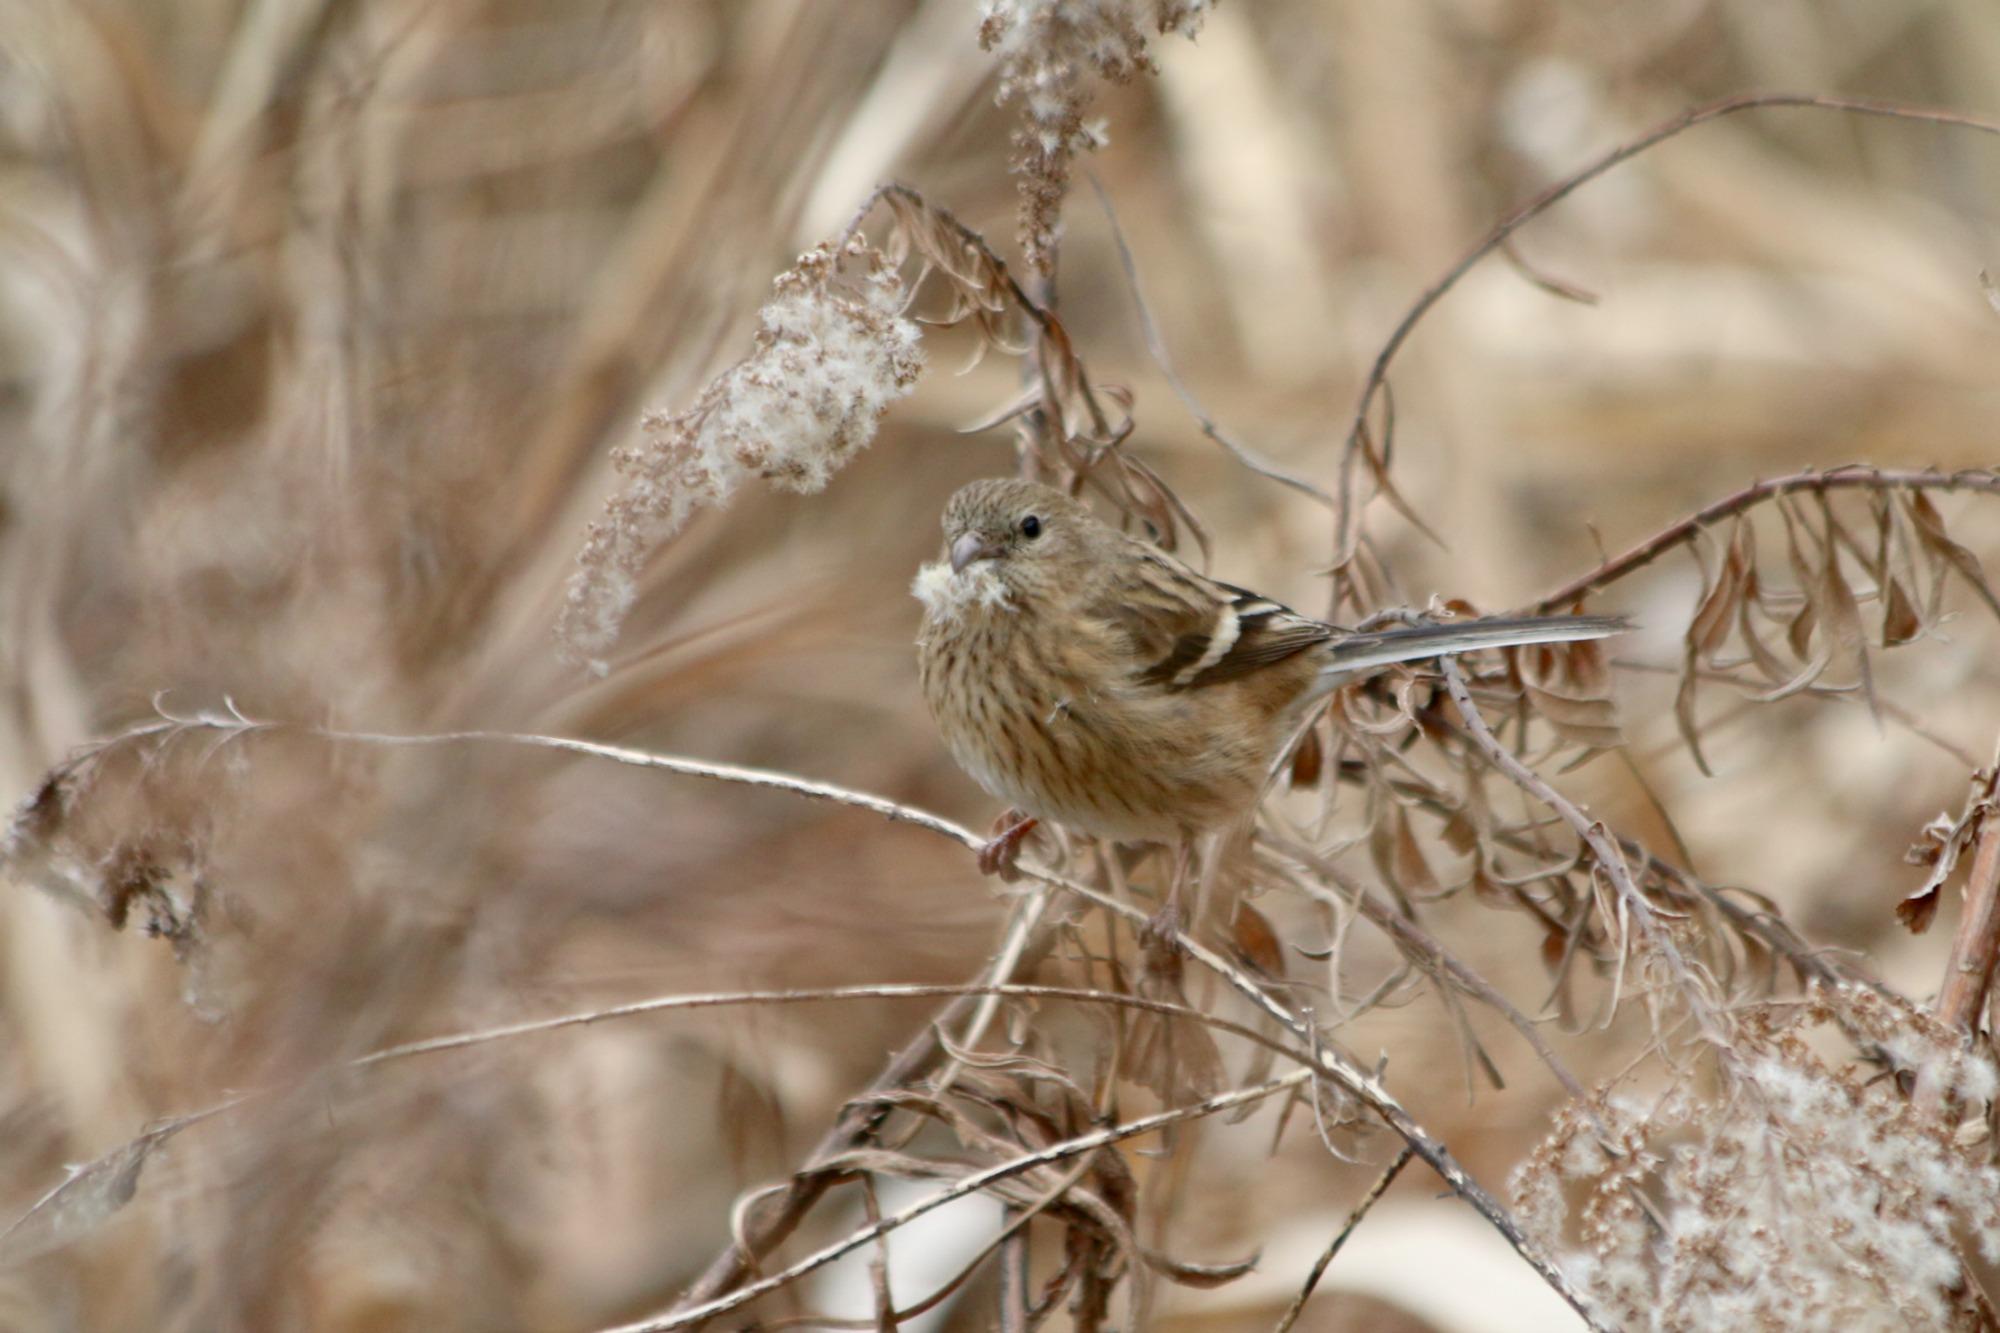 水元公園の鳥さんたち_a0127090_2058348.jpg